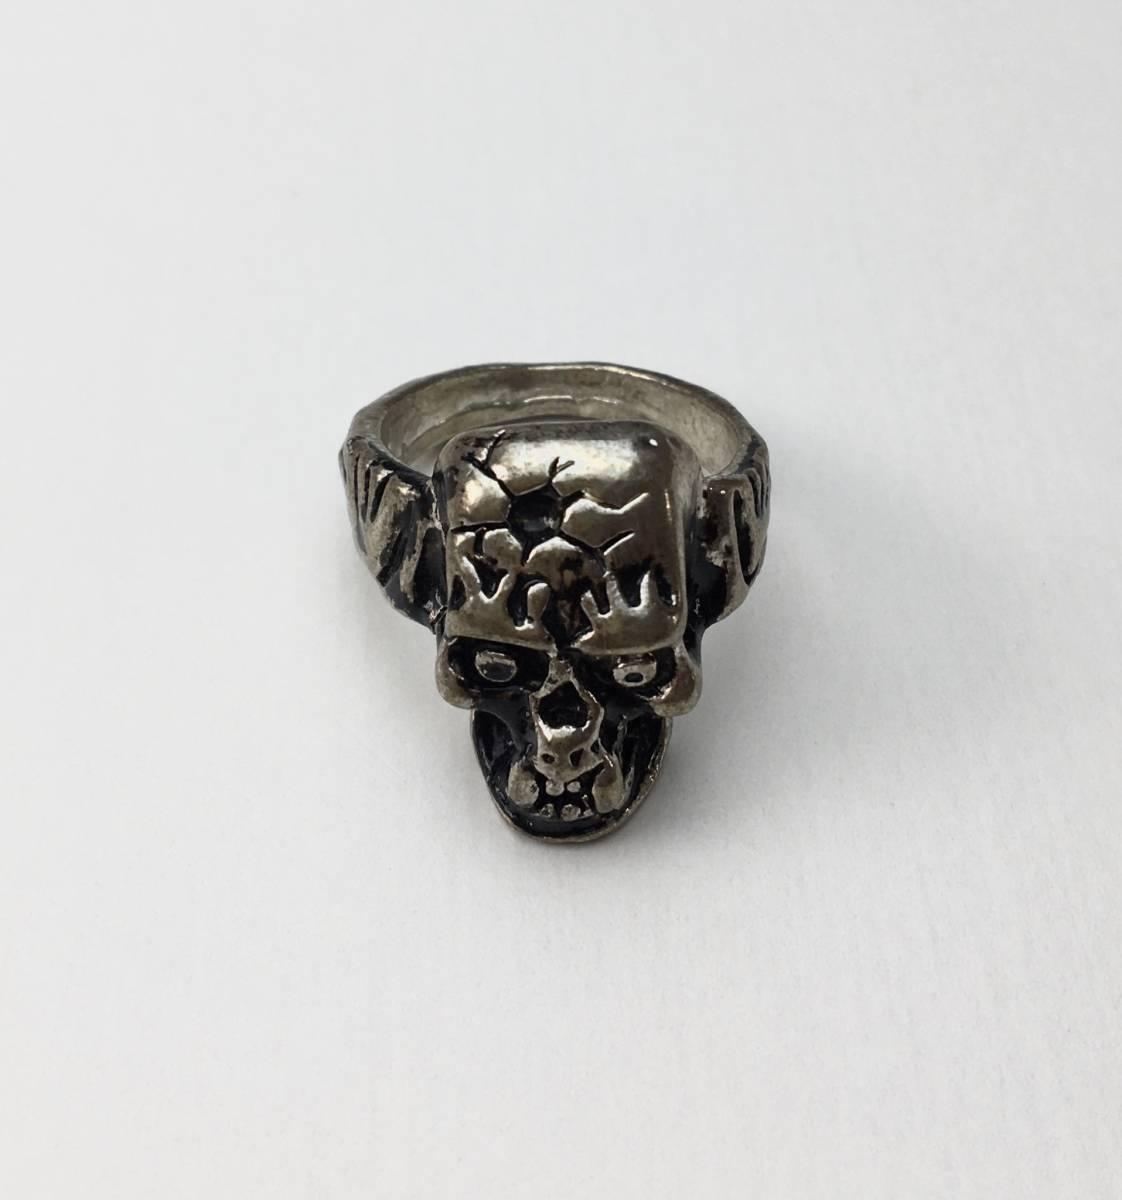 スカル リング 指輪 髑髏 ドクロ 骸骨 ガイコツ SKULL シルバーアクセサリー アンティーク アメリカ USA 雑貨 ヴィンテージ vintage 3_画像1